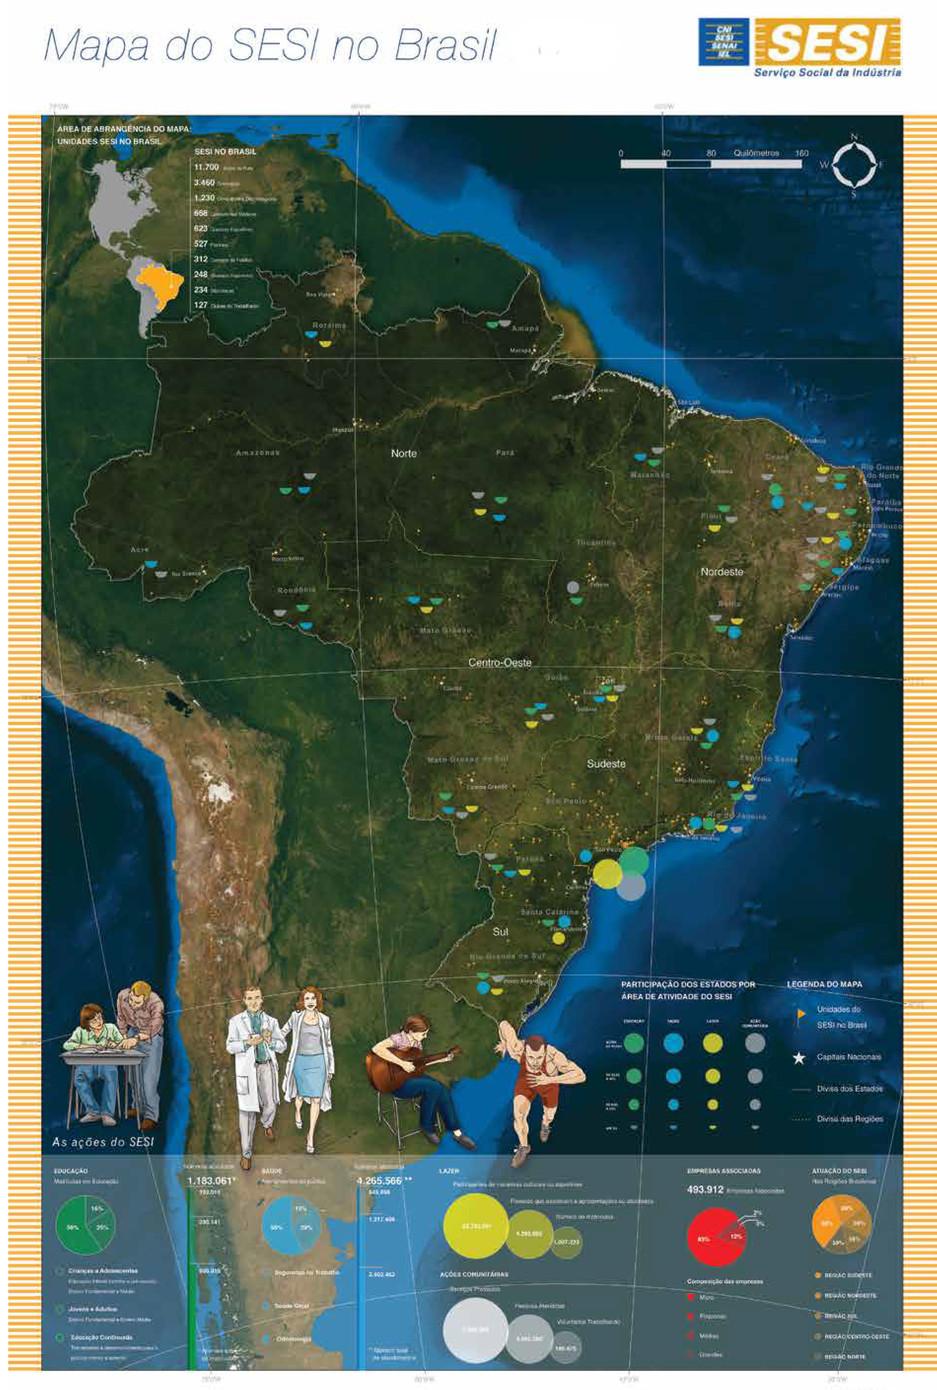 O SESI no Brasil